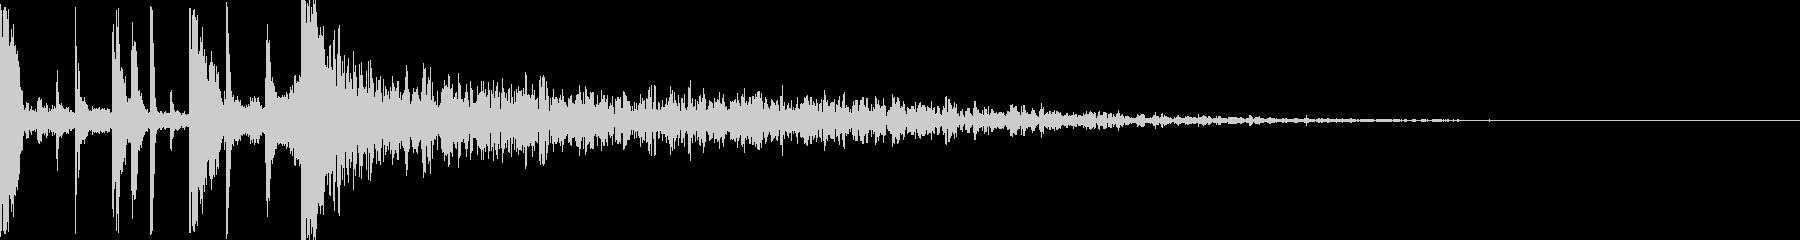 シネマティックなドラムのアイキャッチの未再生の波形